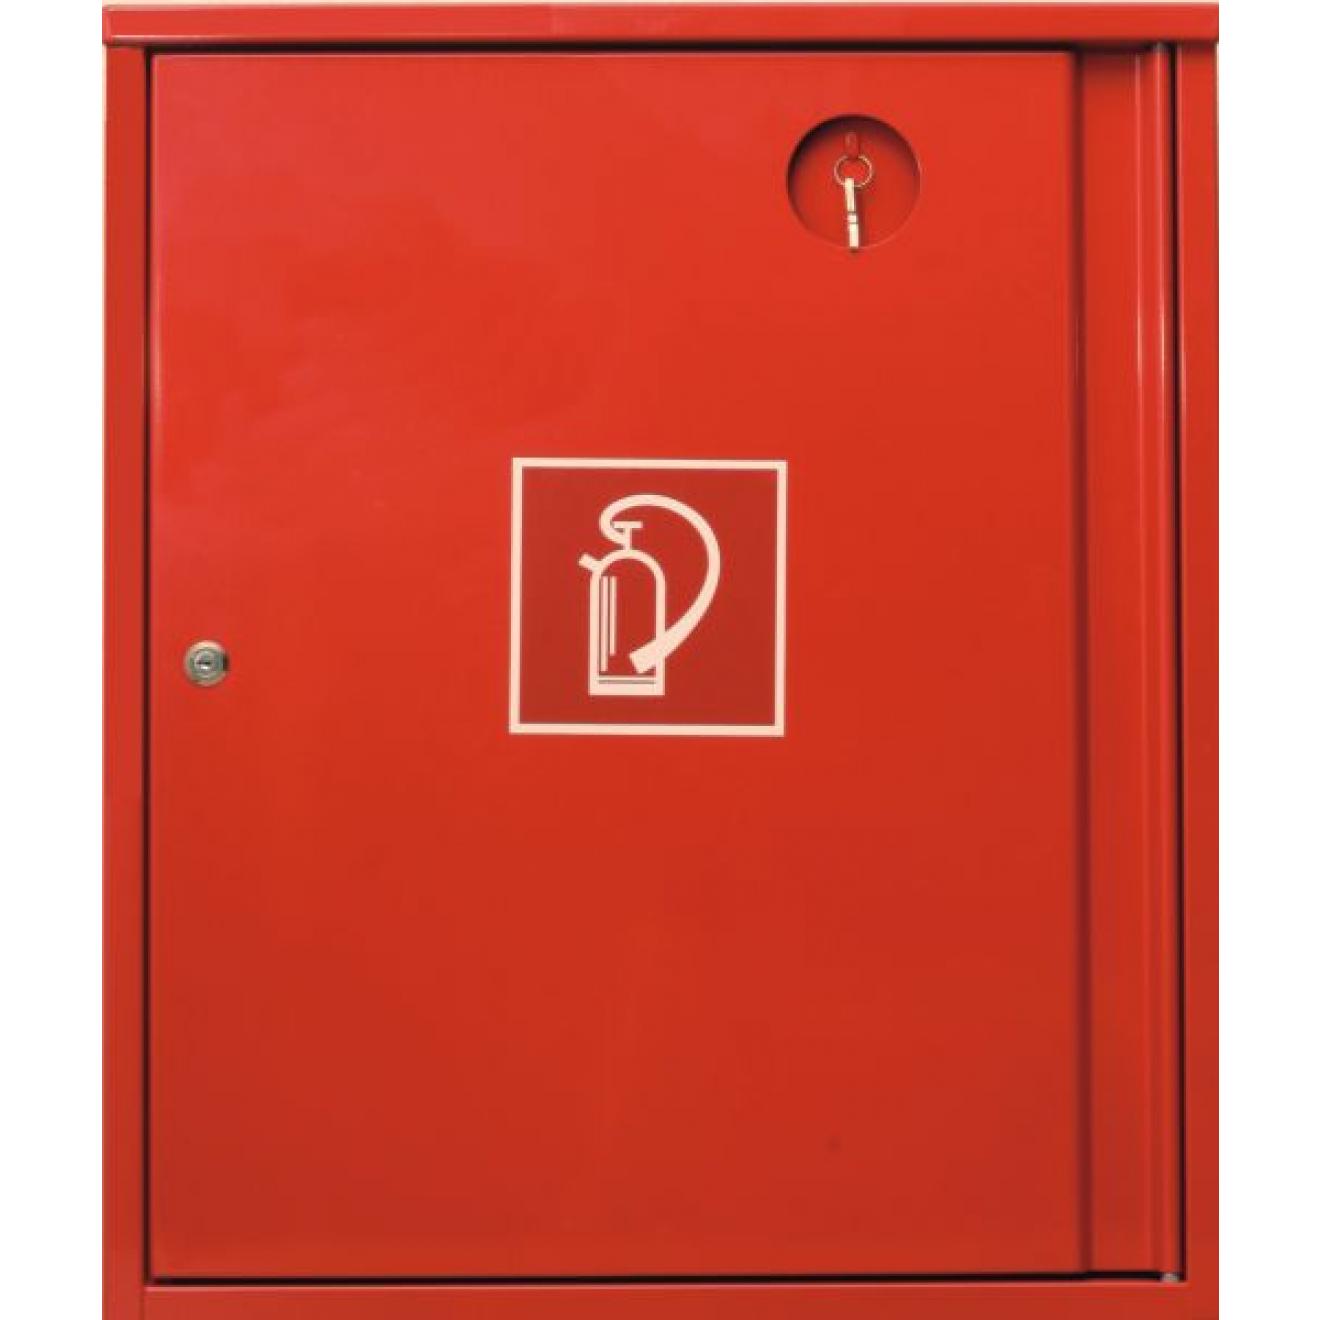 feuerl scher doppelschrank f r 2 feuerl scher 12 kg liter. Black Bedroom Furniture Sets. Home Design Ideas